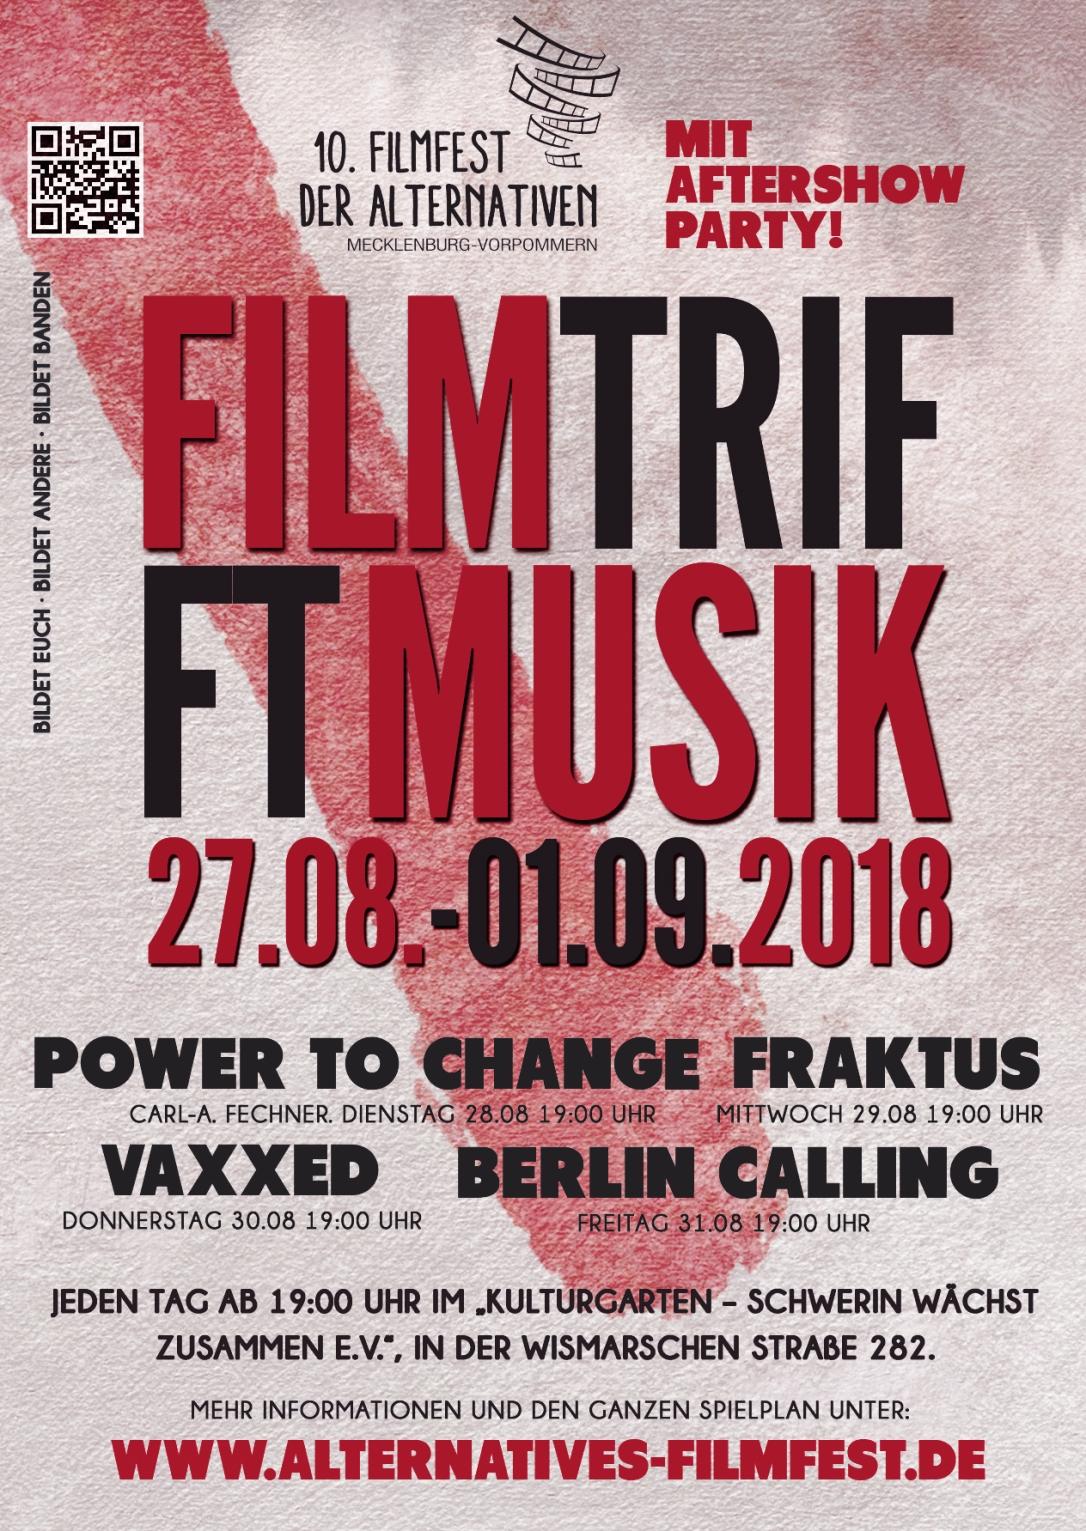 Filmfest_Flyer_2019_S1